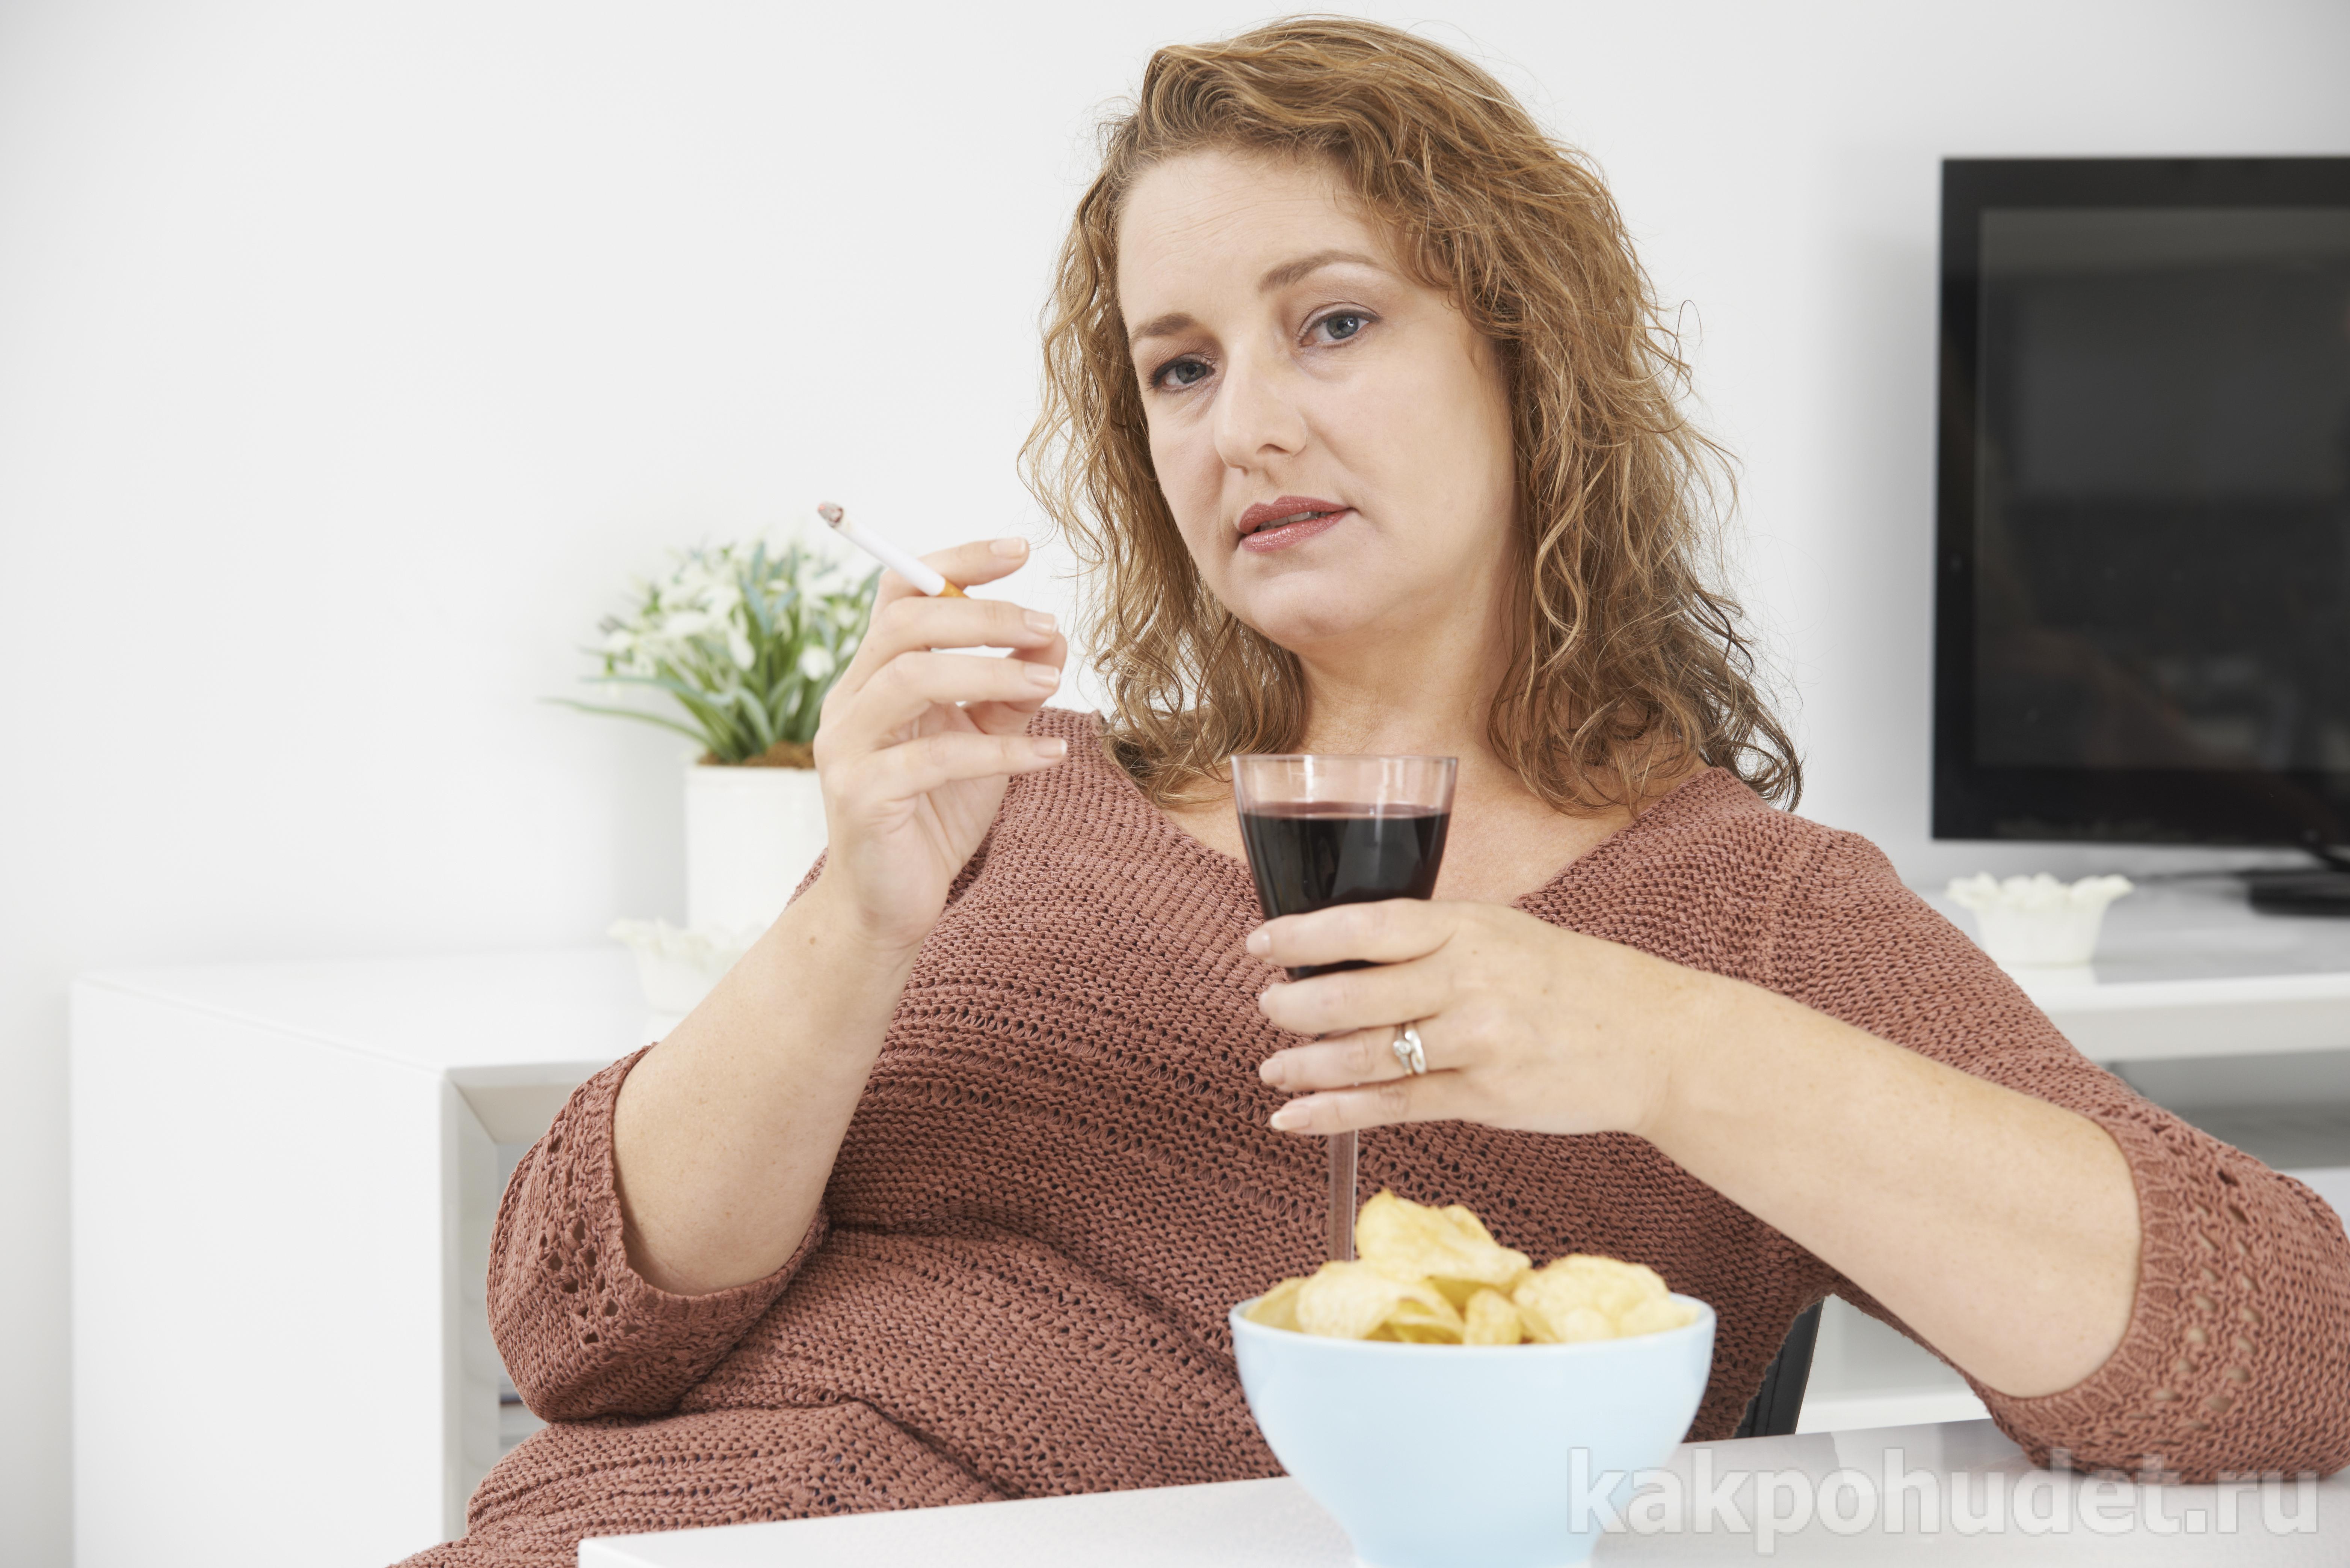 Наркомания, курение и лишний вес вредны для здоровья